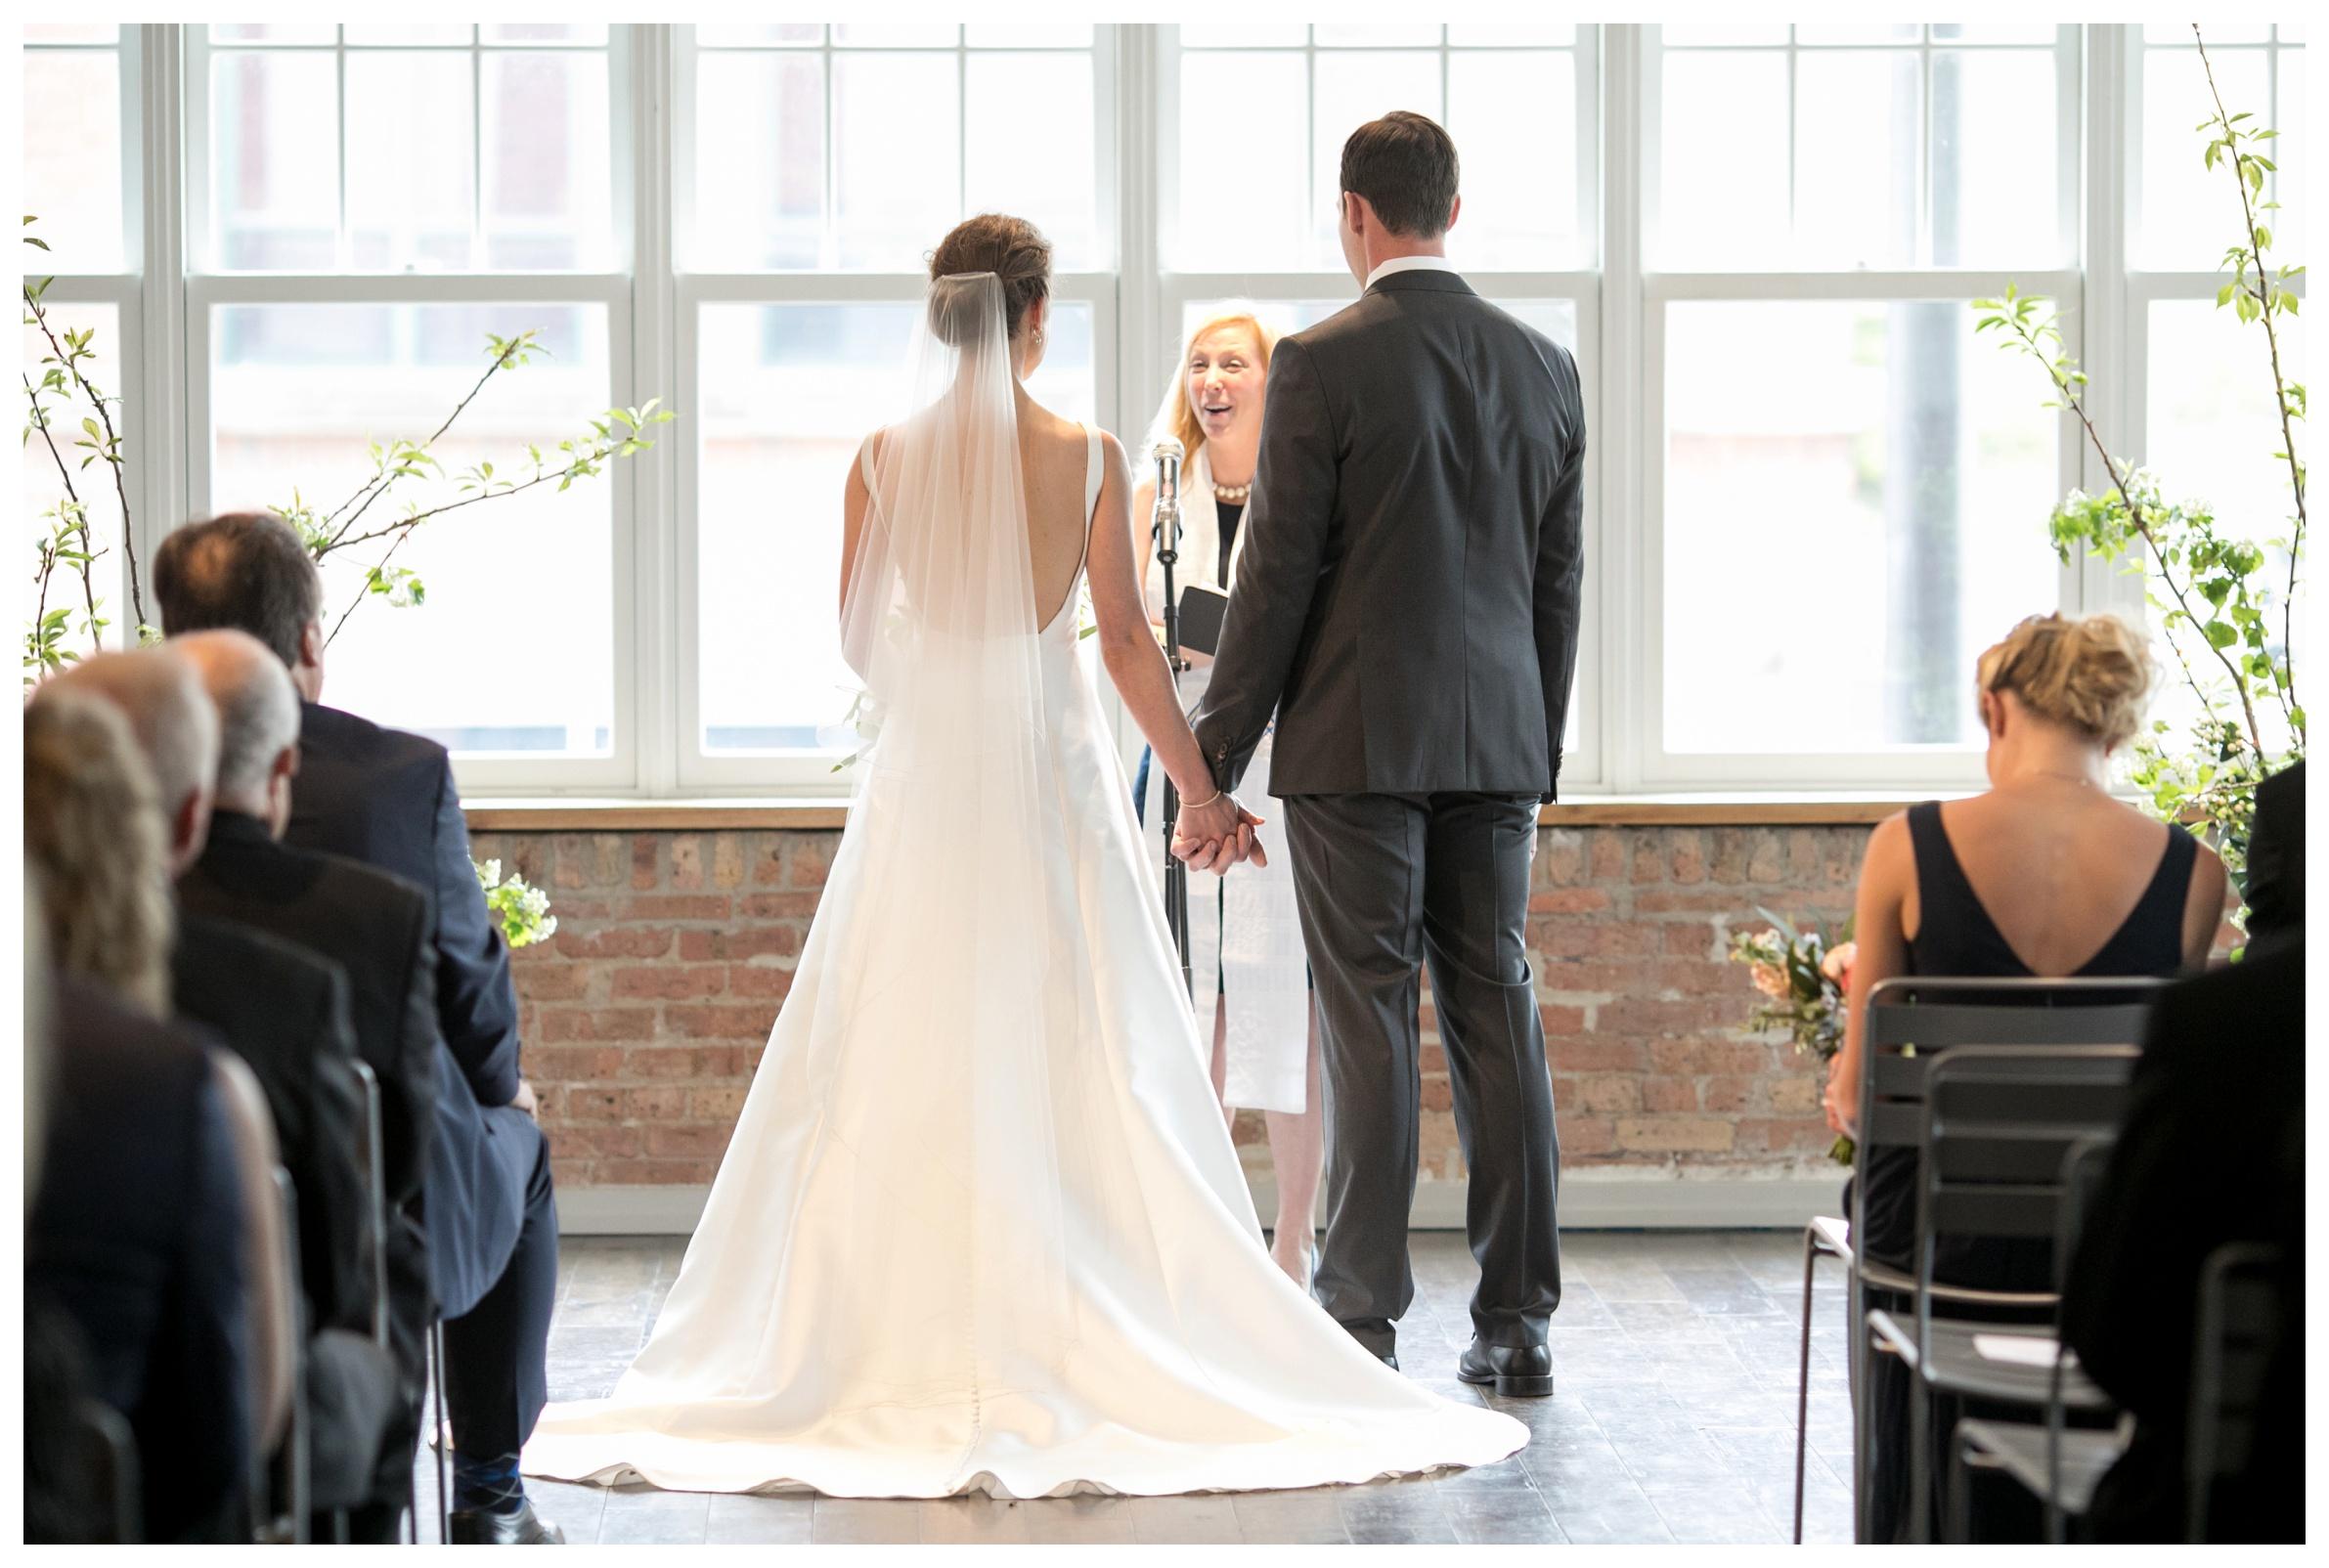 publican-wedding_0019.jpg